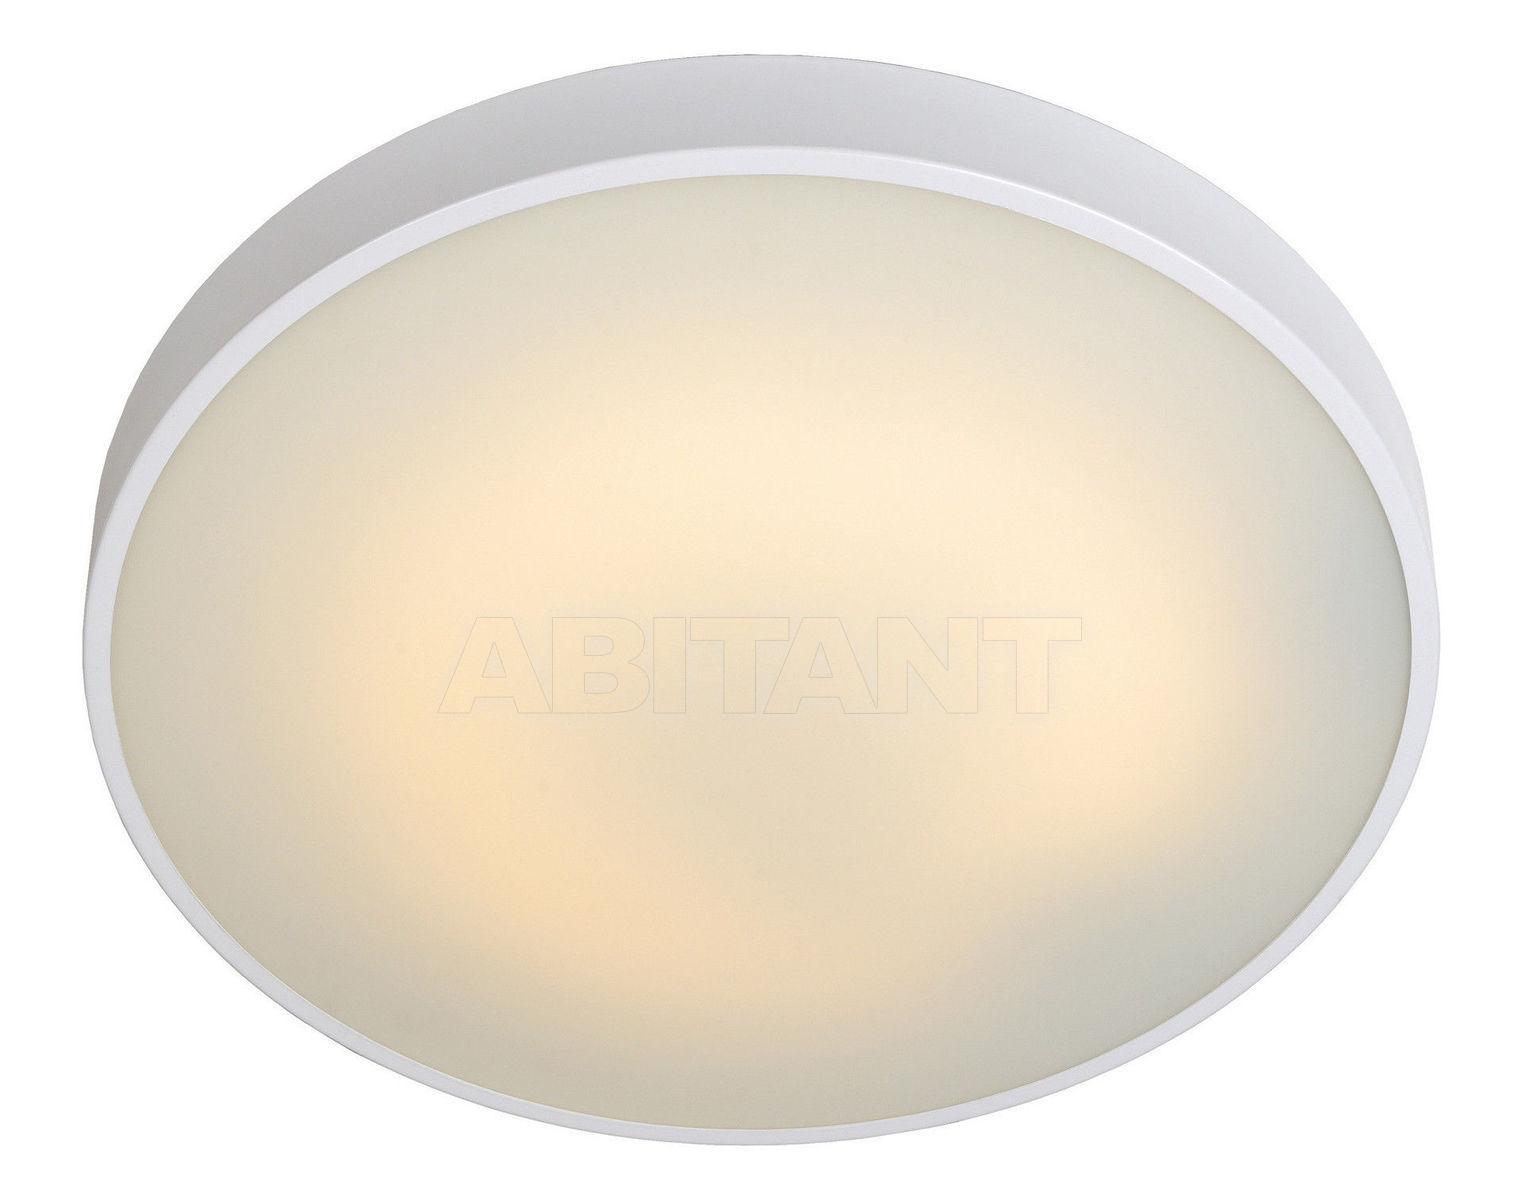 Купить Светильник KAREN Lucide  Ceiling & Wall Lights 79163/62/31